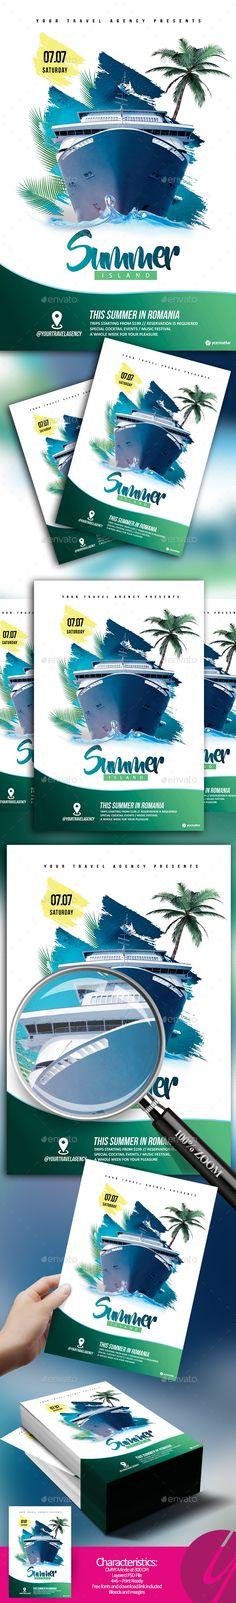 Summer Island Tour Flyer Template PSD